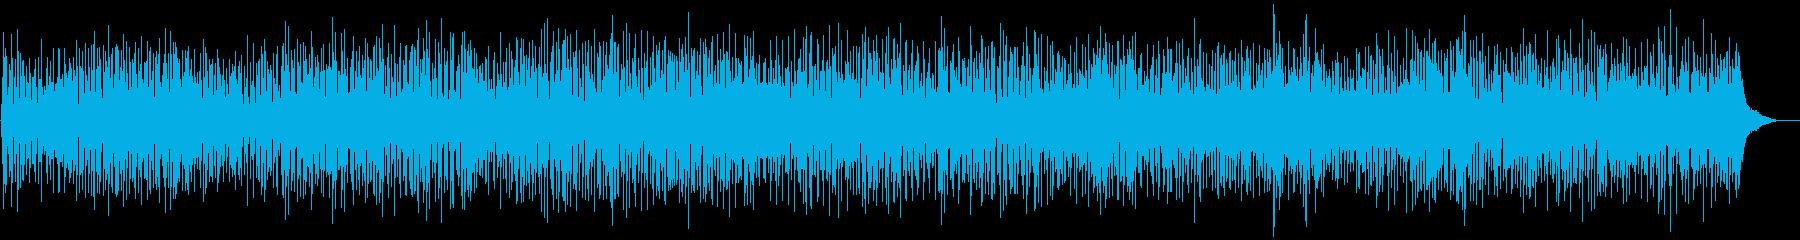 ほのぼのとしたカナディアンフォークの再生済みの波形